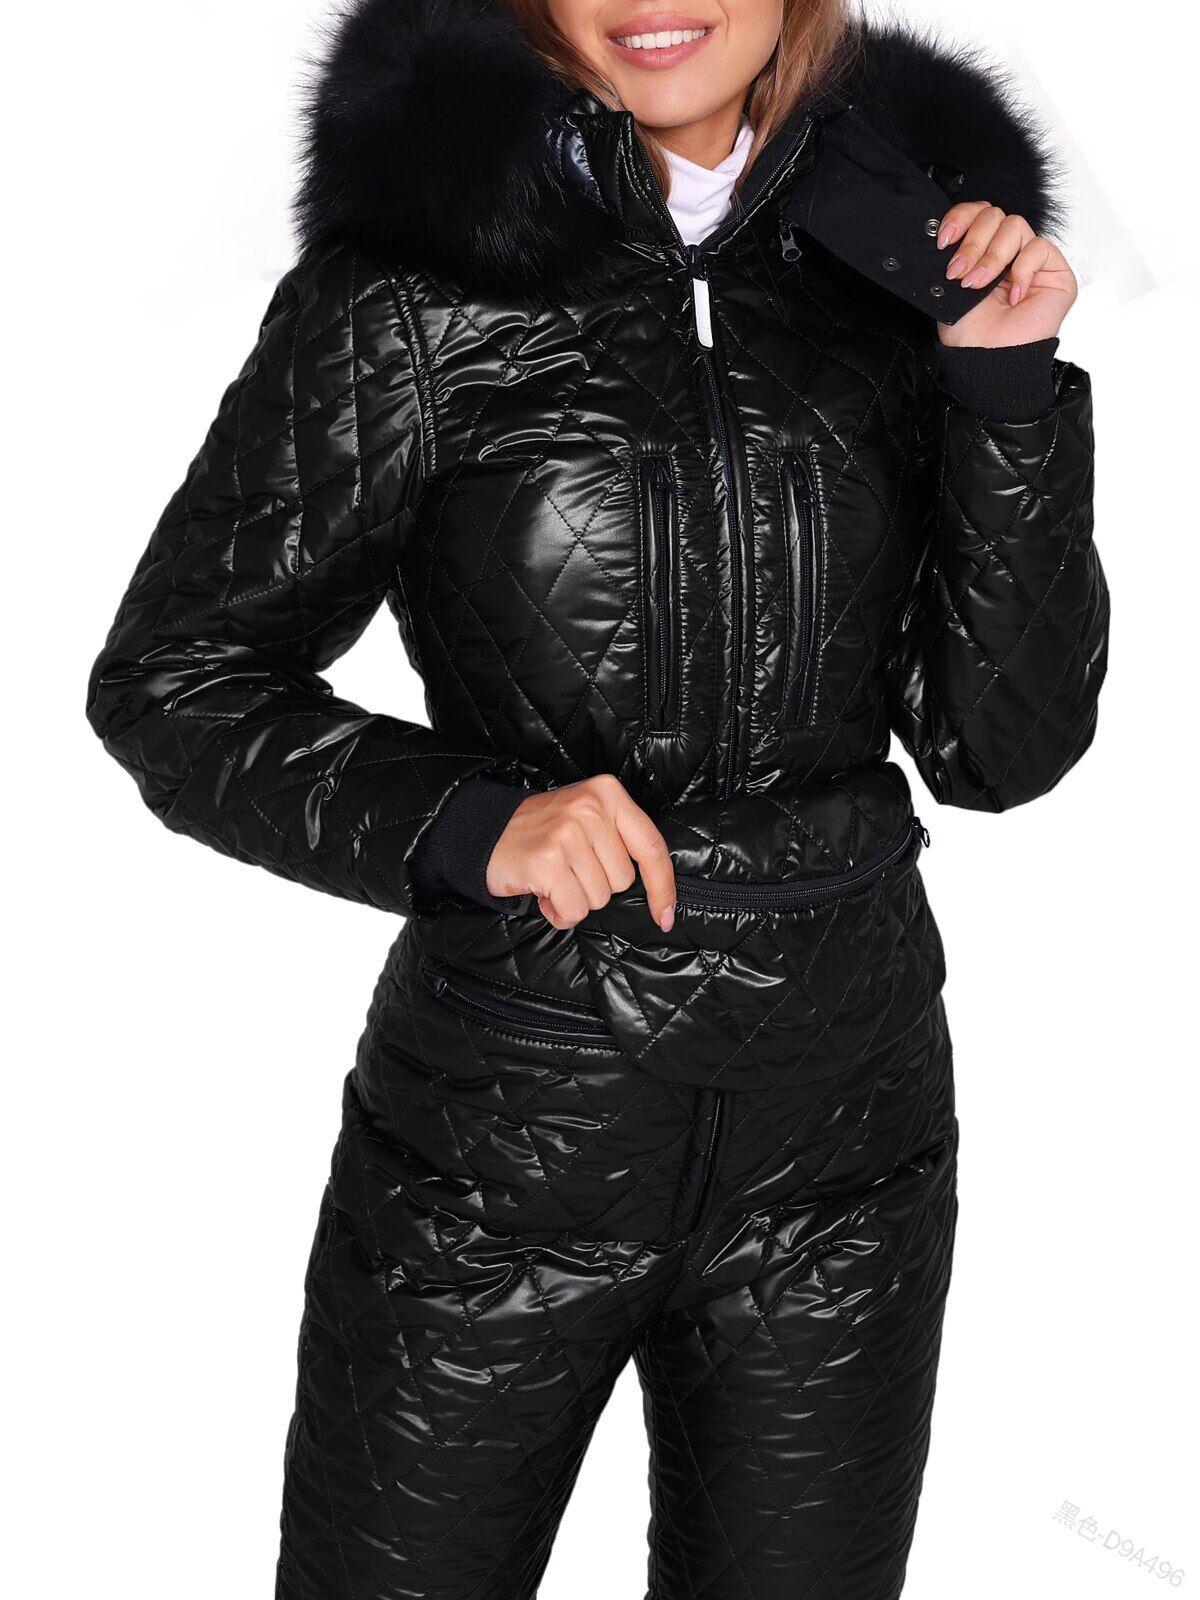 AliExpress Combinaison de Ski pour femme, vêtements d'extérieur d'hiver, col en fourrure, garniture, capuche,